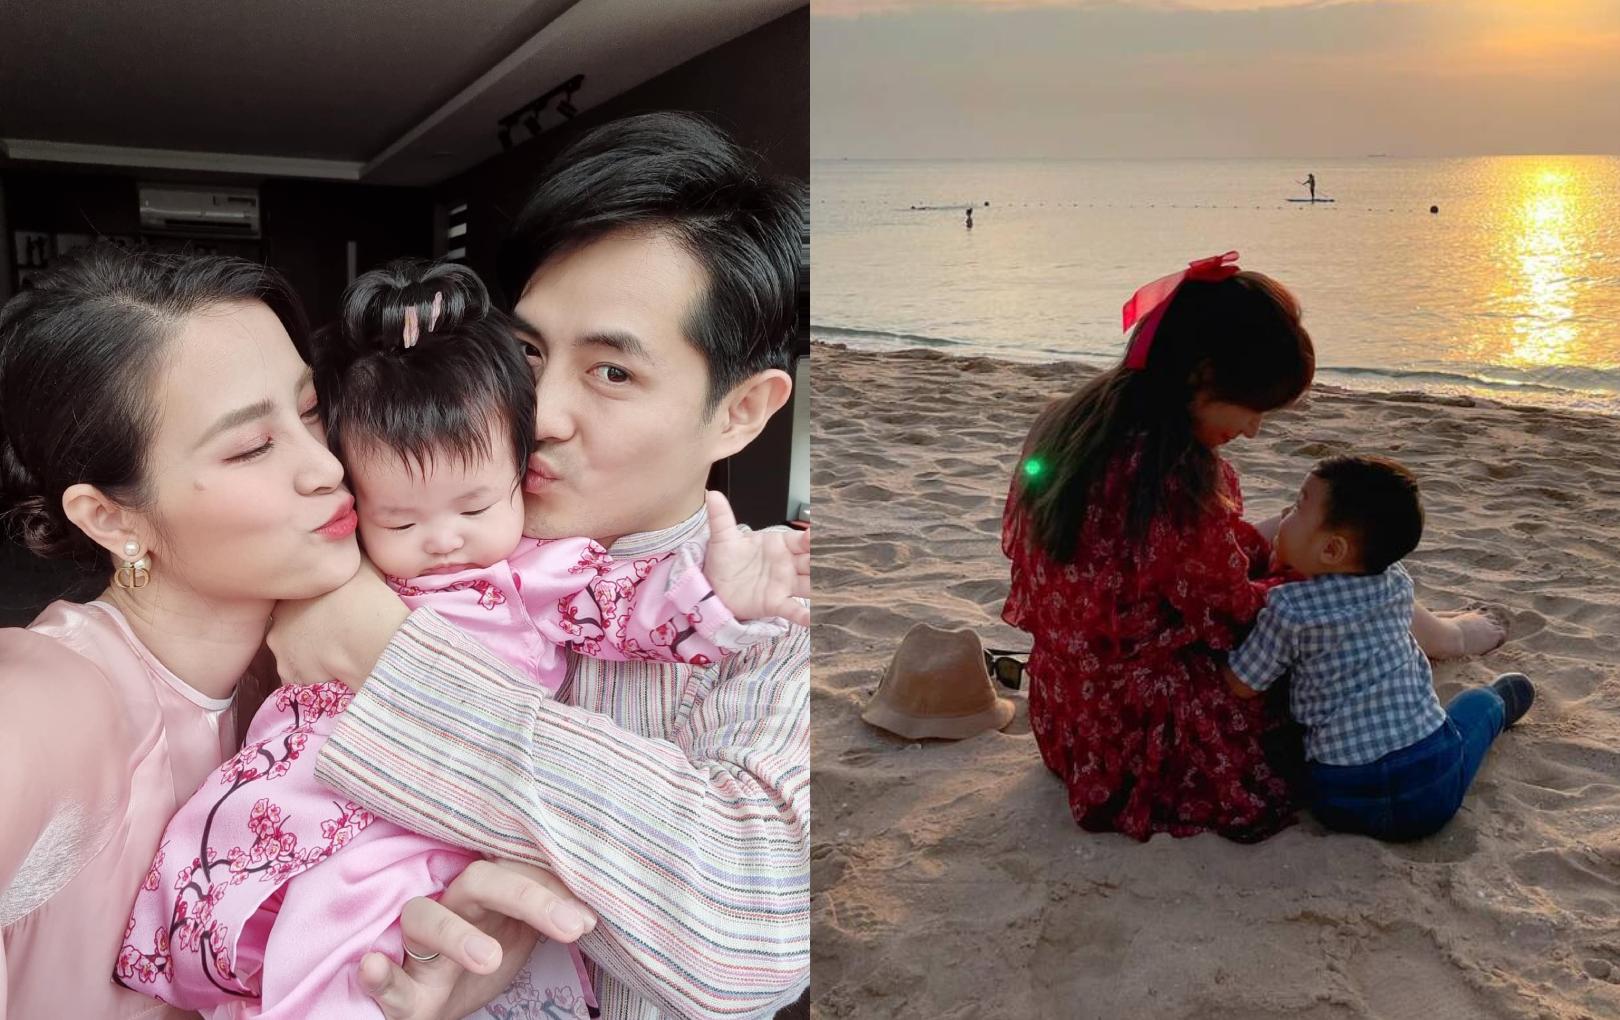 """Phát hiện điểm chung của 2 nhóc tỳ nhà Đông Nhi - Hòa Minzy: Còn nhỏ đã bộc lộ tố chất """"con nhà người ta"""""""